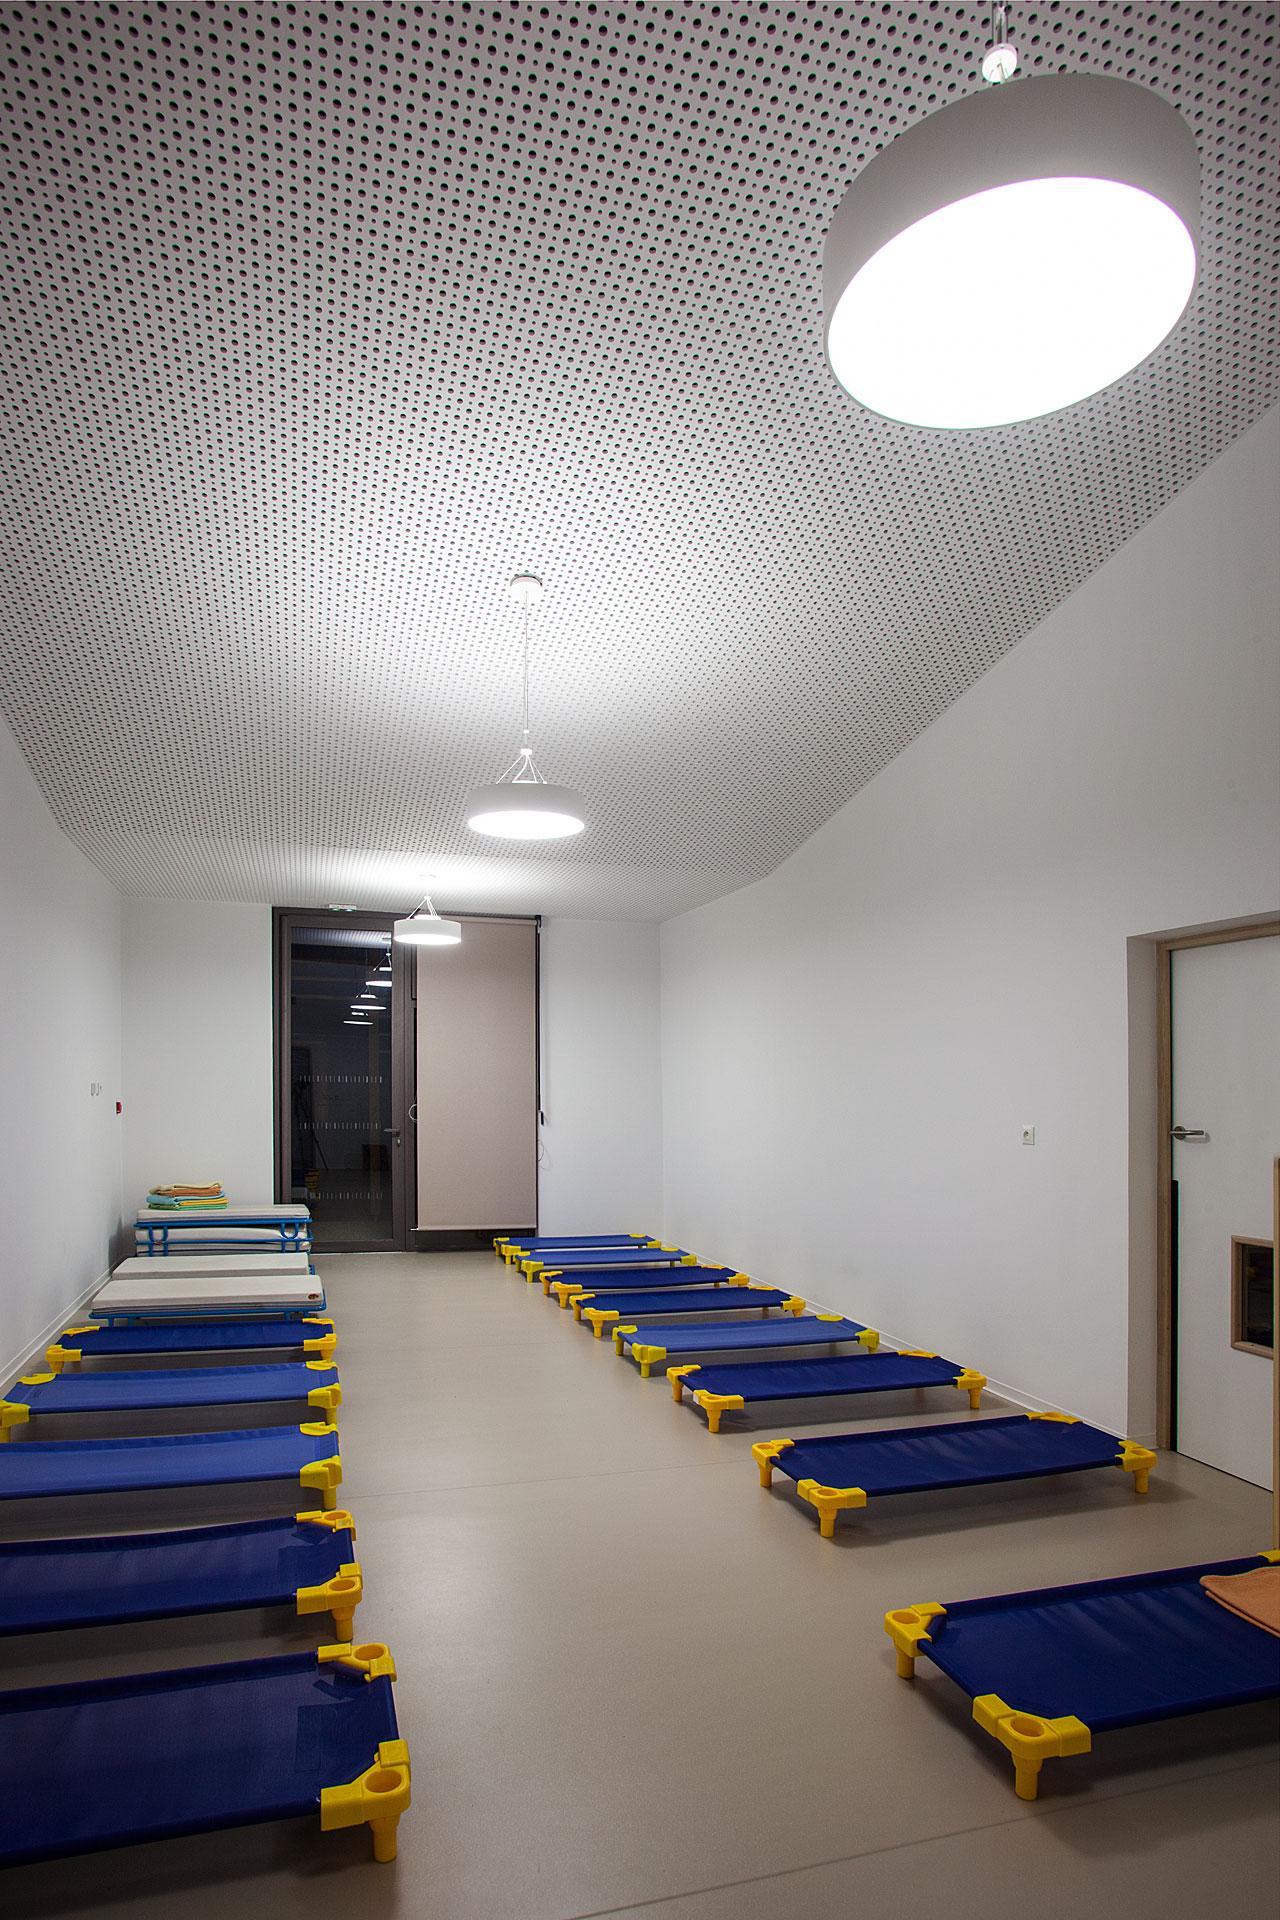 Eclairage d'une salle de sieste du Pole enseignement Loisir Jeunesse de Bouc bel air